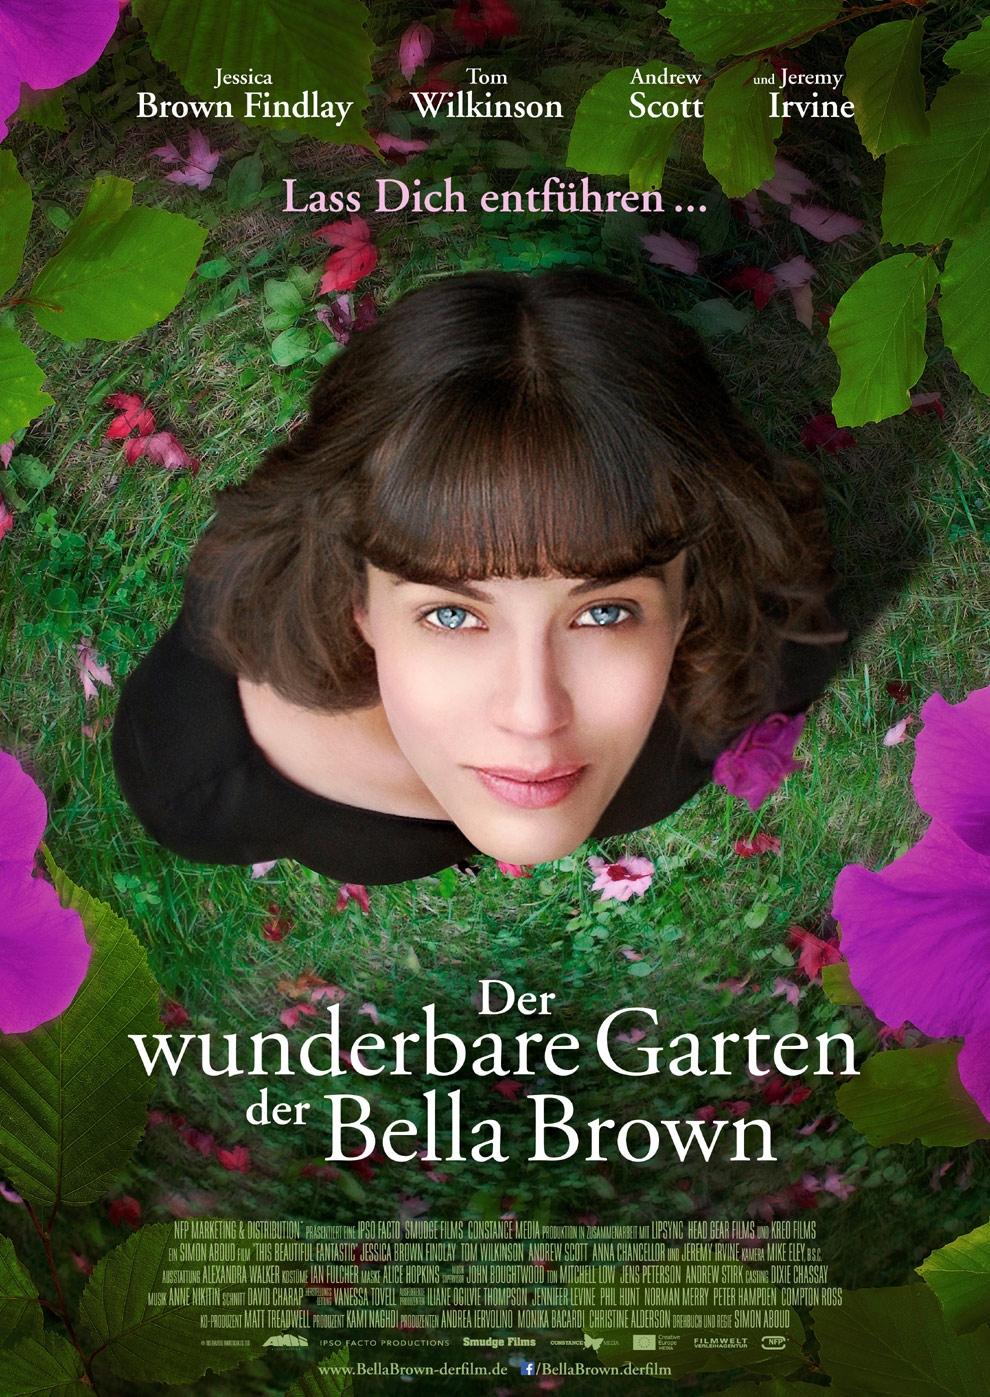 Der Wunderbare Garten der Bella Brown (Poster)